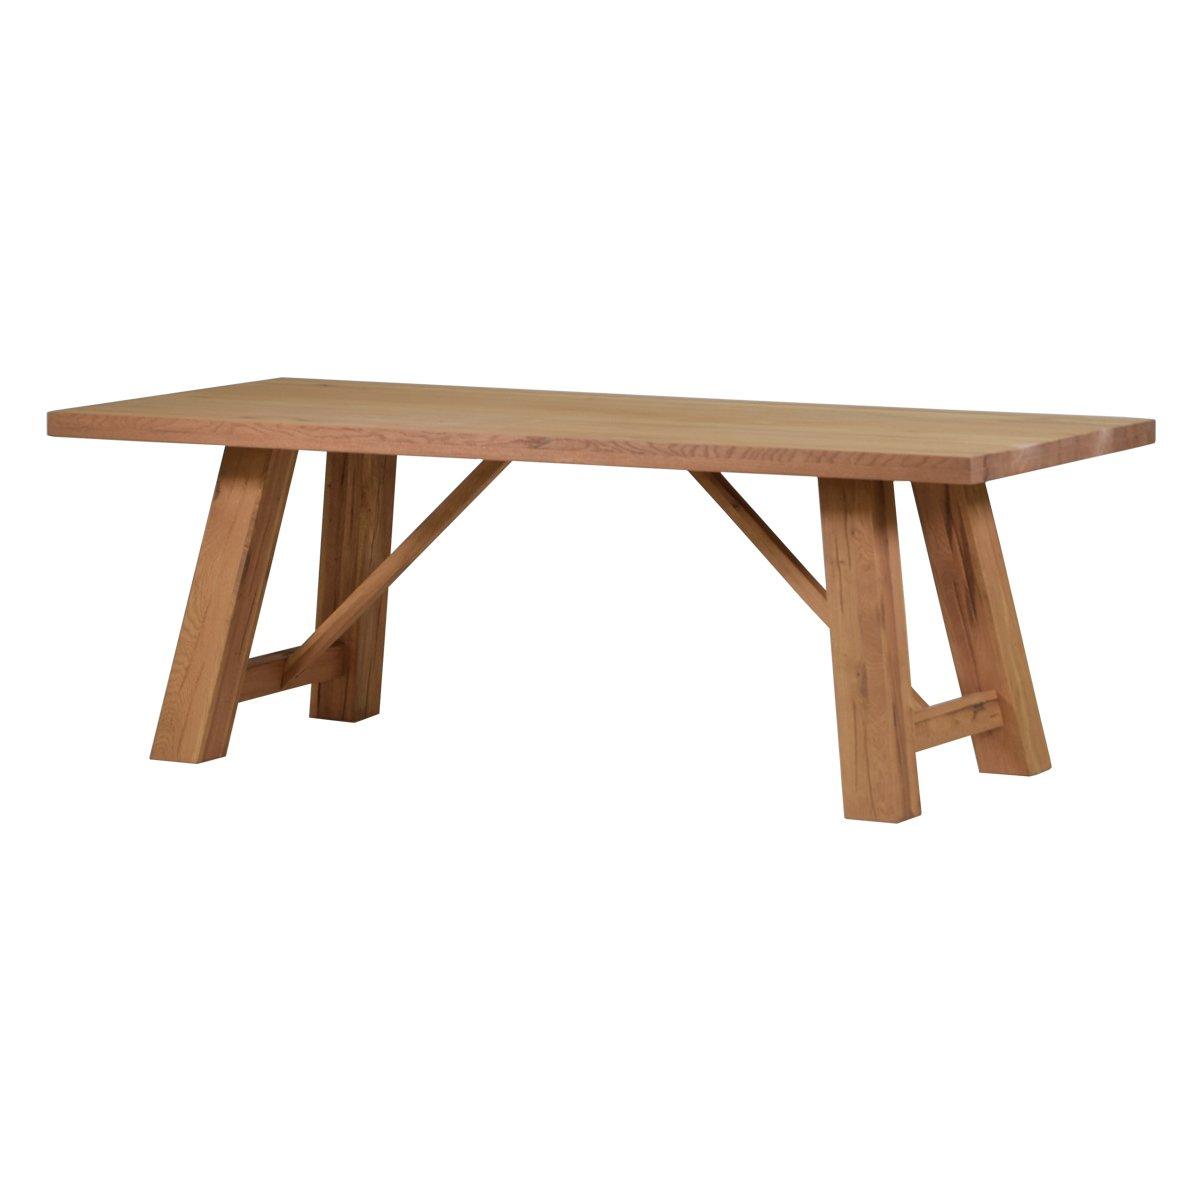 Esstisch Esszimmertisch Tisch Brandon 180x90 cm, Massivholz Holz ...